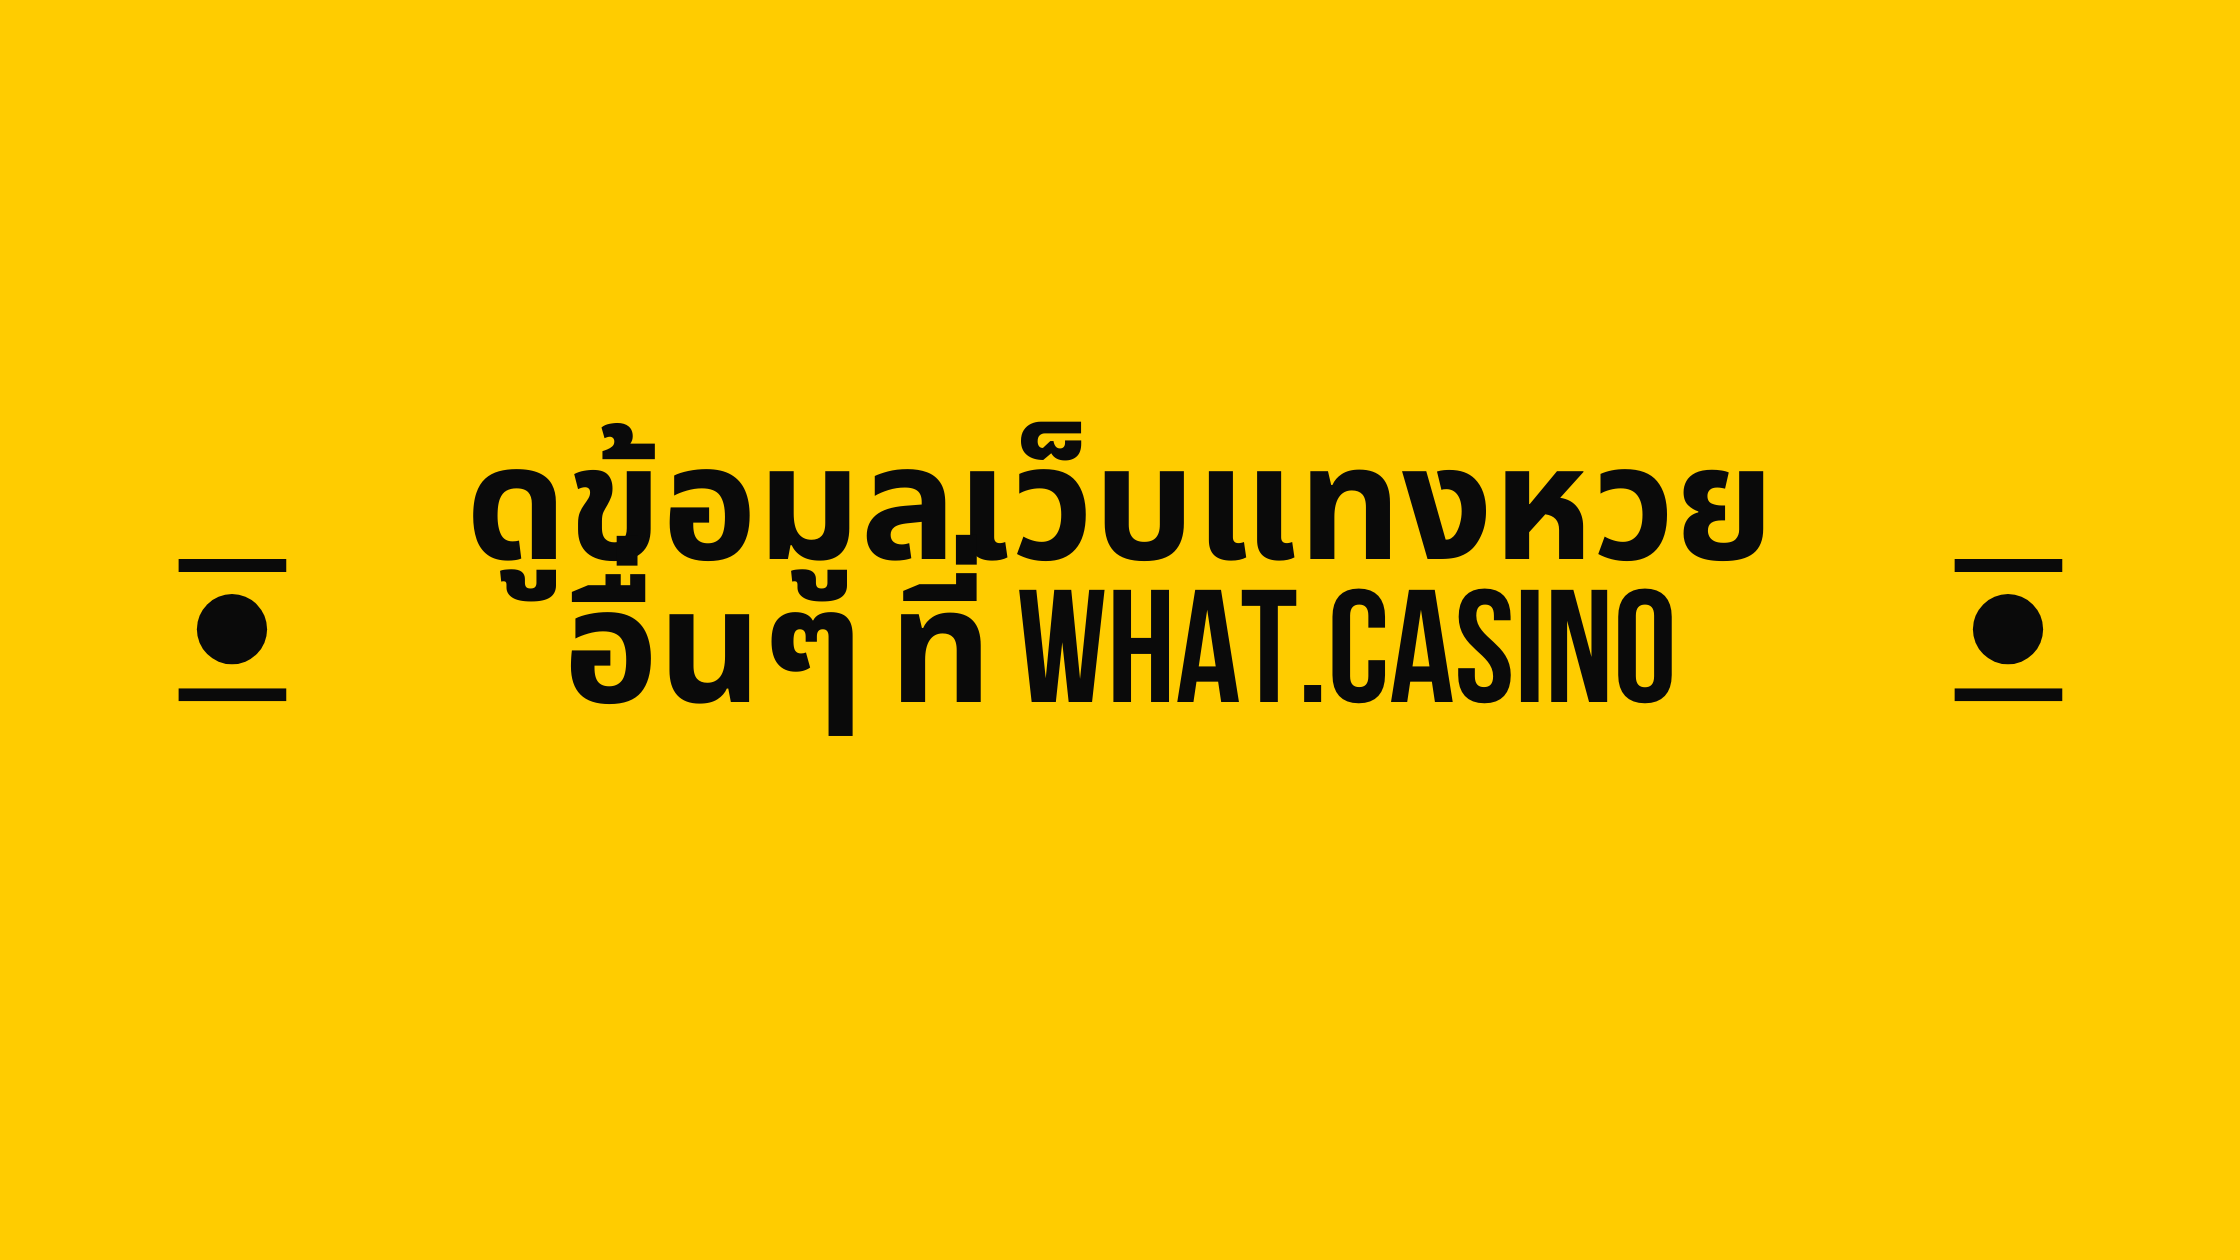 ดูข้อมูลเว็บแทงหวยอื่นๆ ที่ what.casino